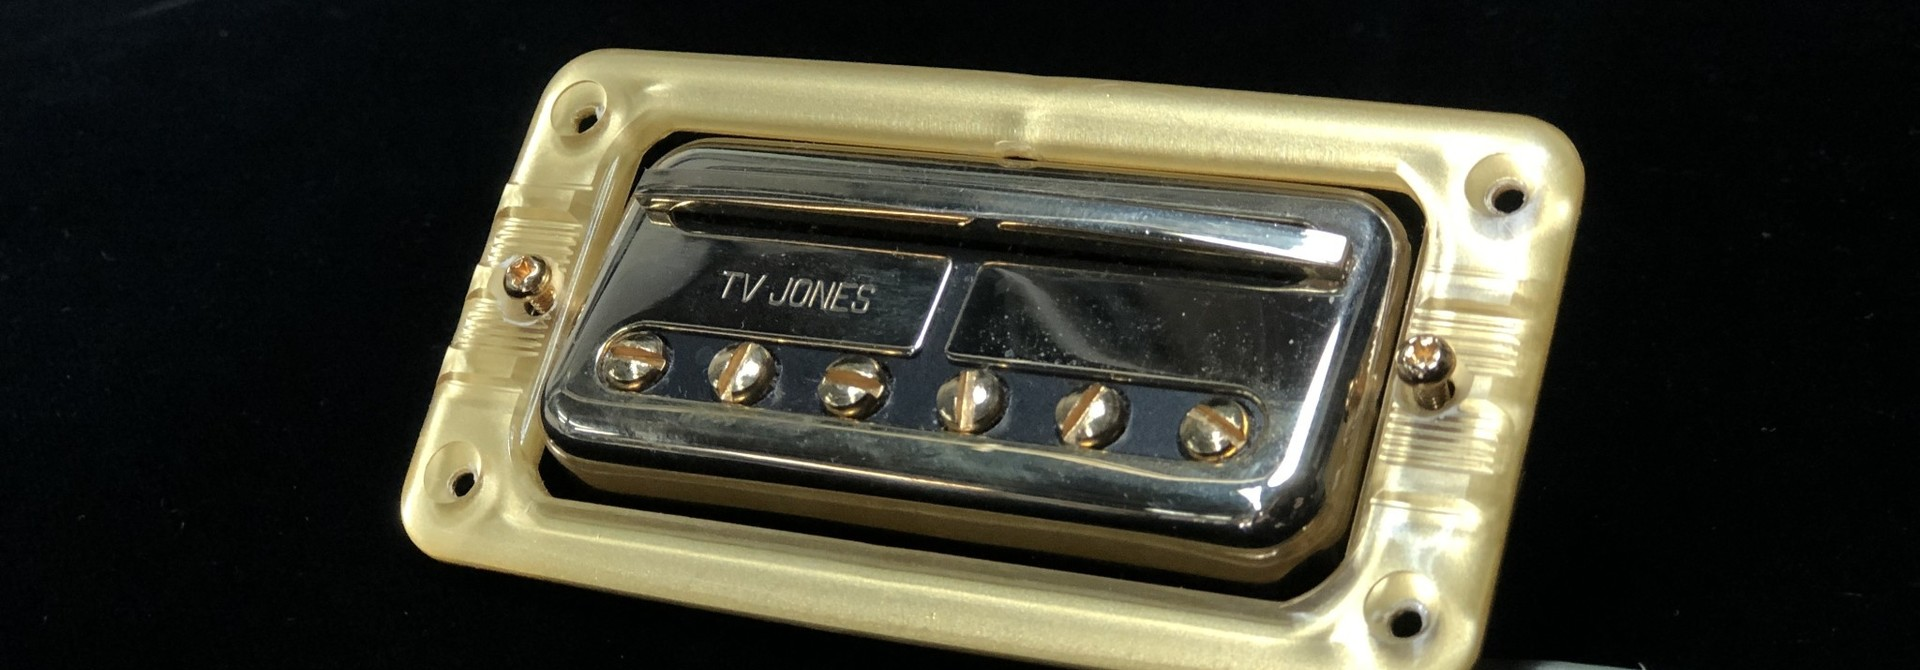 TV Jones DA Tron bridge pickup